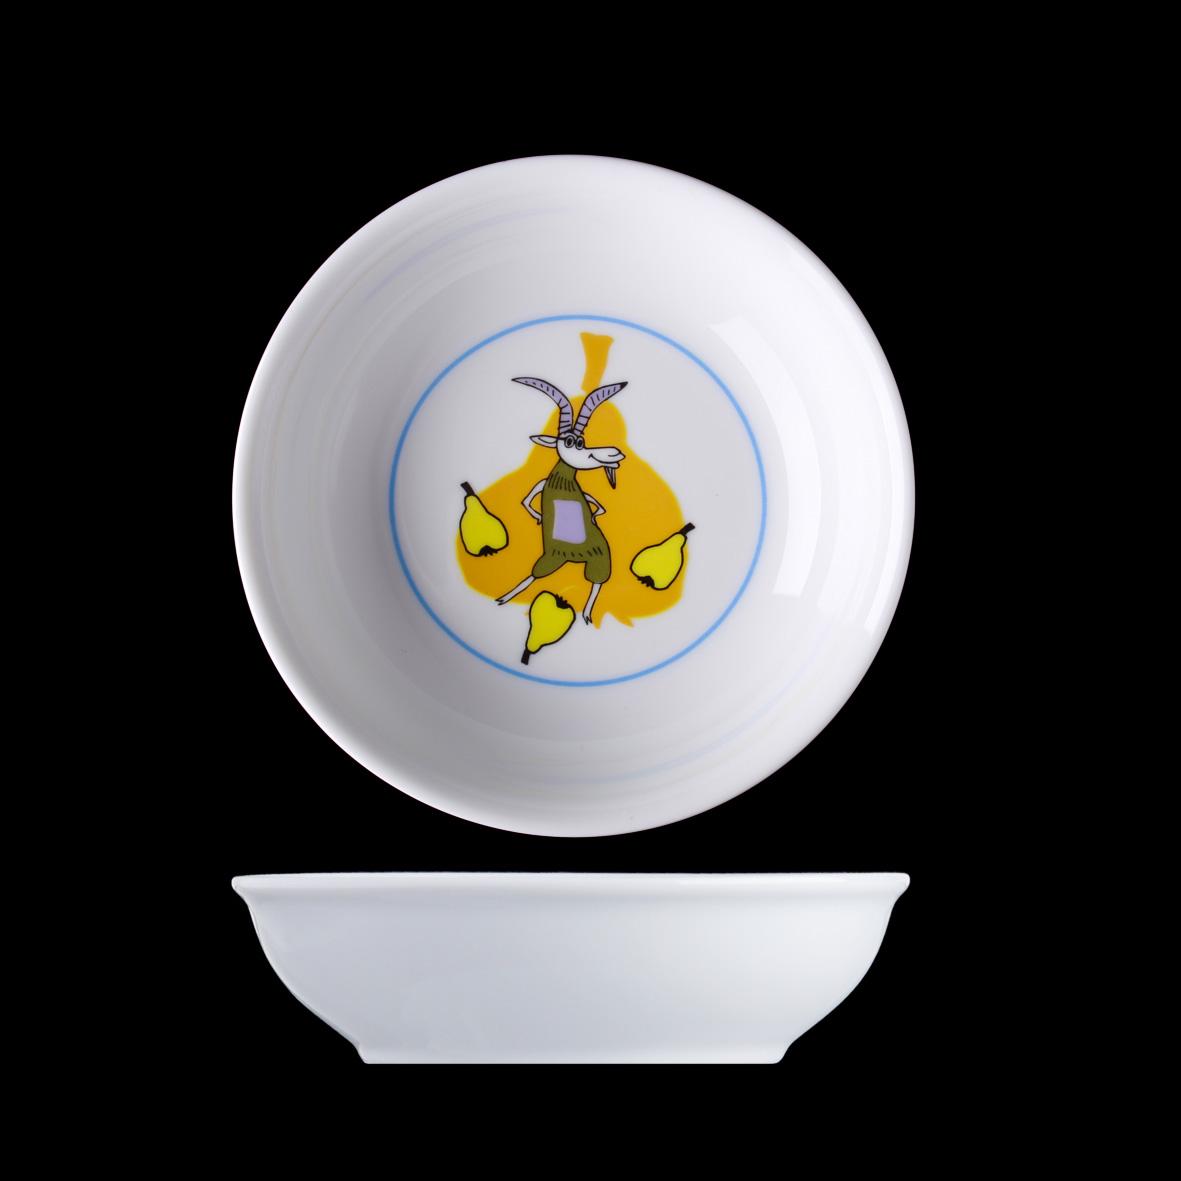 Porcelán pro děti, miska kompotová 13 cm, Veselá koza, Langenthal